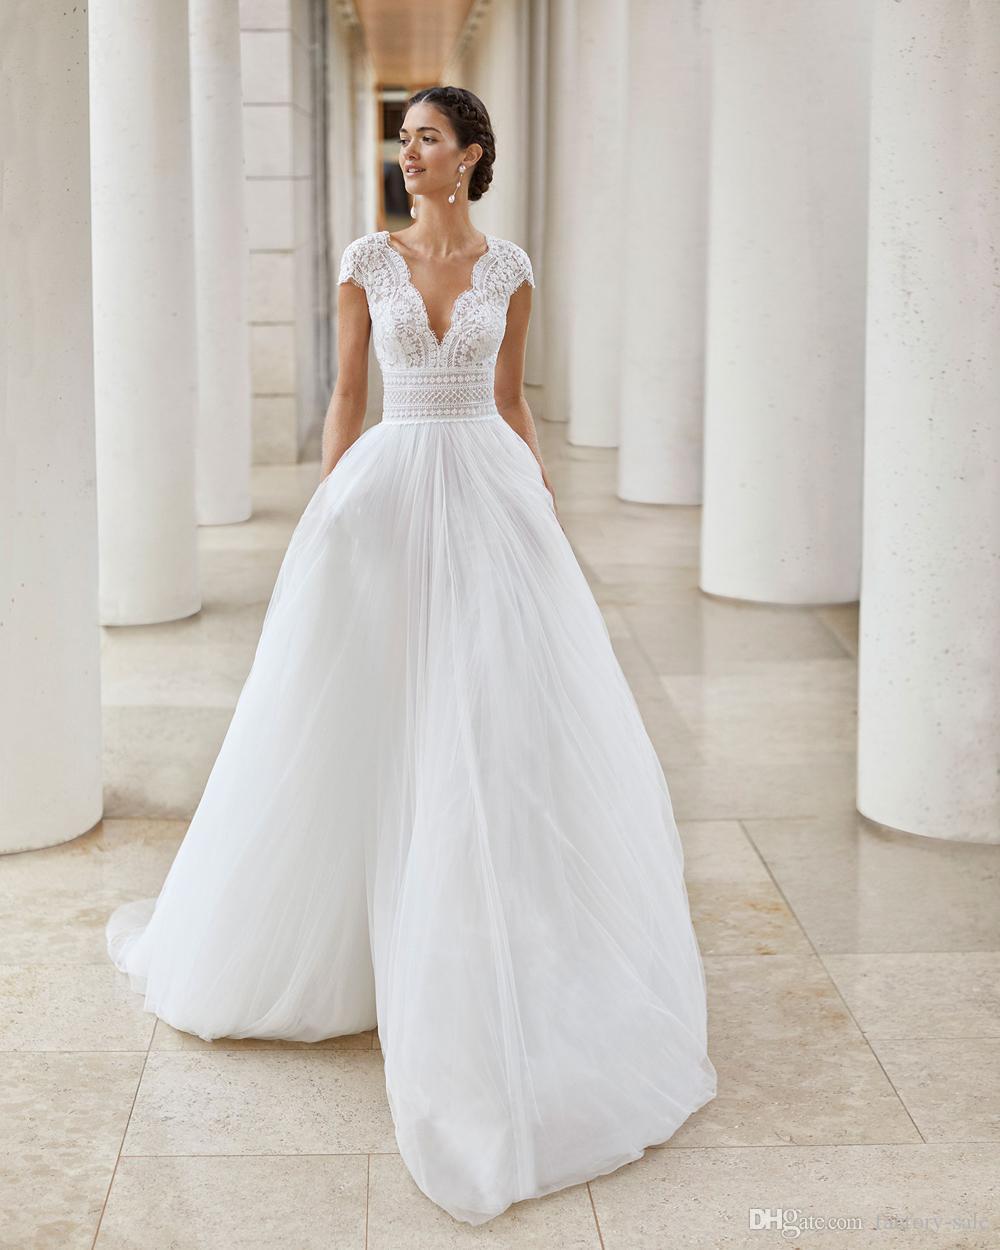 elbiseler mütevazı Dantel V Yaka Cap Kollu A Hattı Gelinlik Kat Süre Tül Gelinlik Modelleri Gelin Kıyafeti vestidos de Noiva